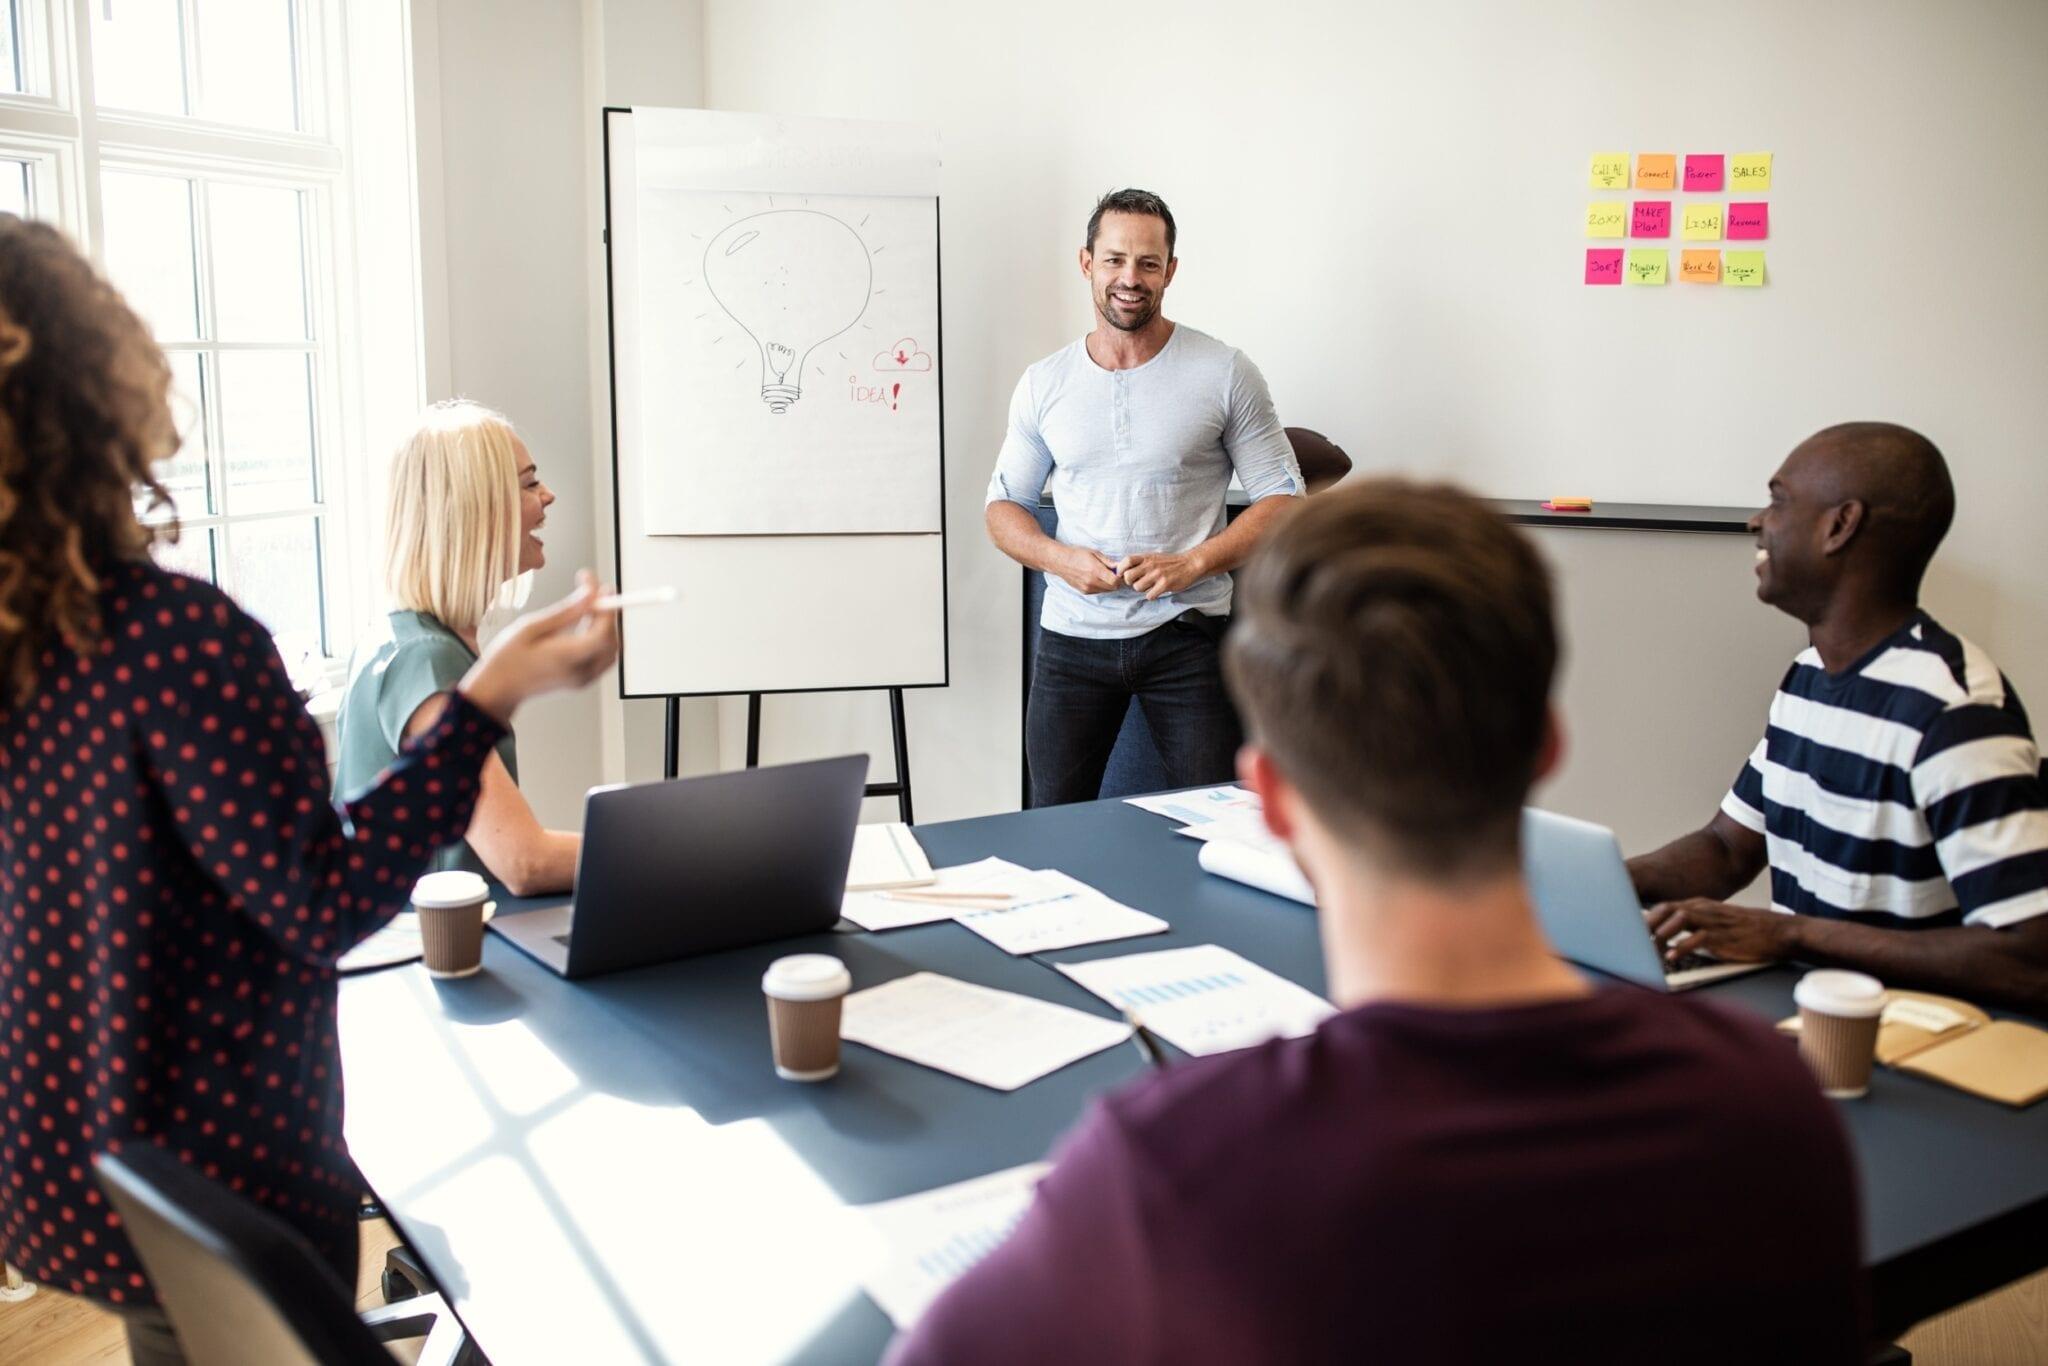 En svartvit bild på en man håller i en presentation för sina medarbetare. Alla skrattar.